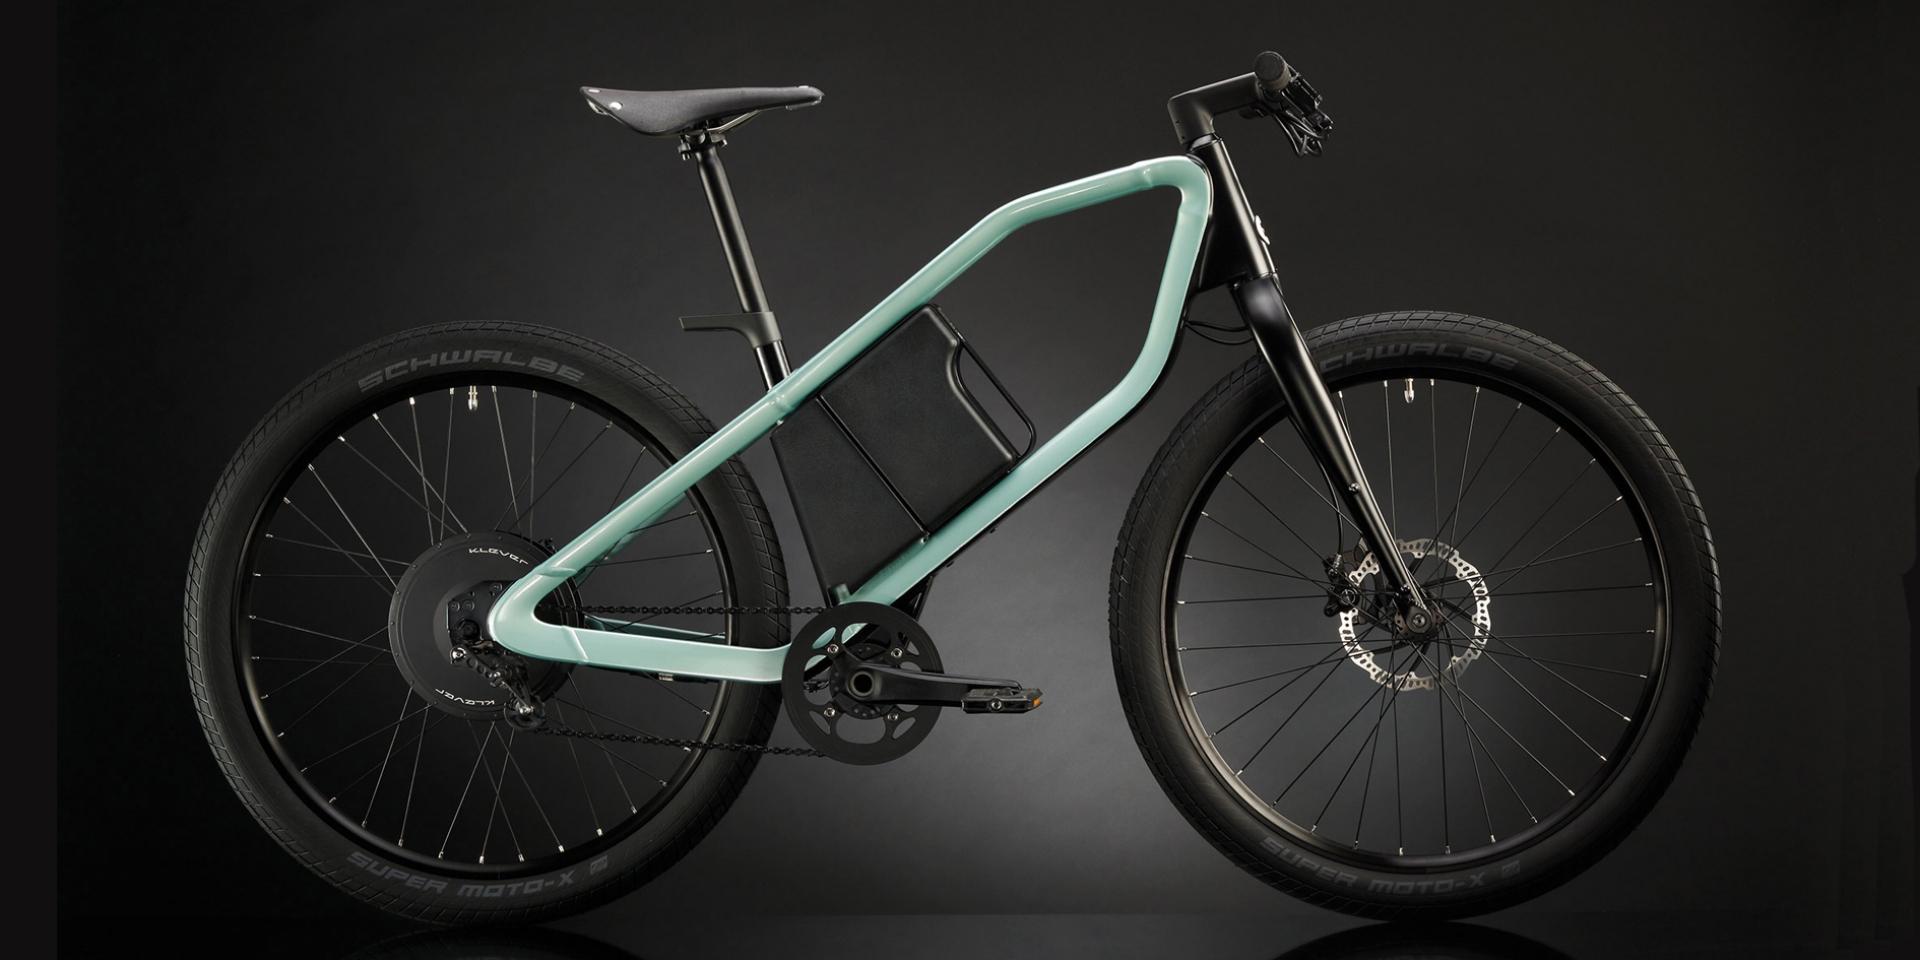 實踐綠能智慧移動。Klever E-Bike智行車X-Range車系全新登場